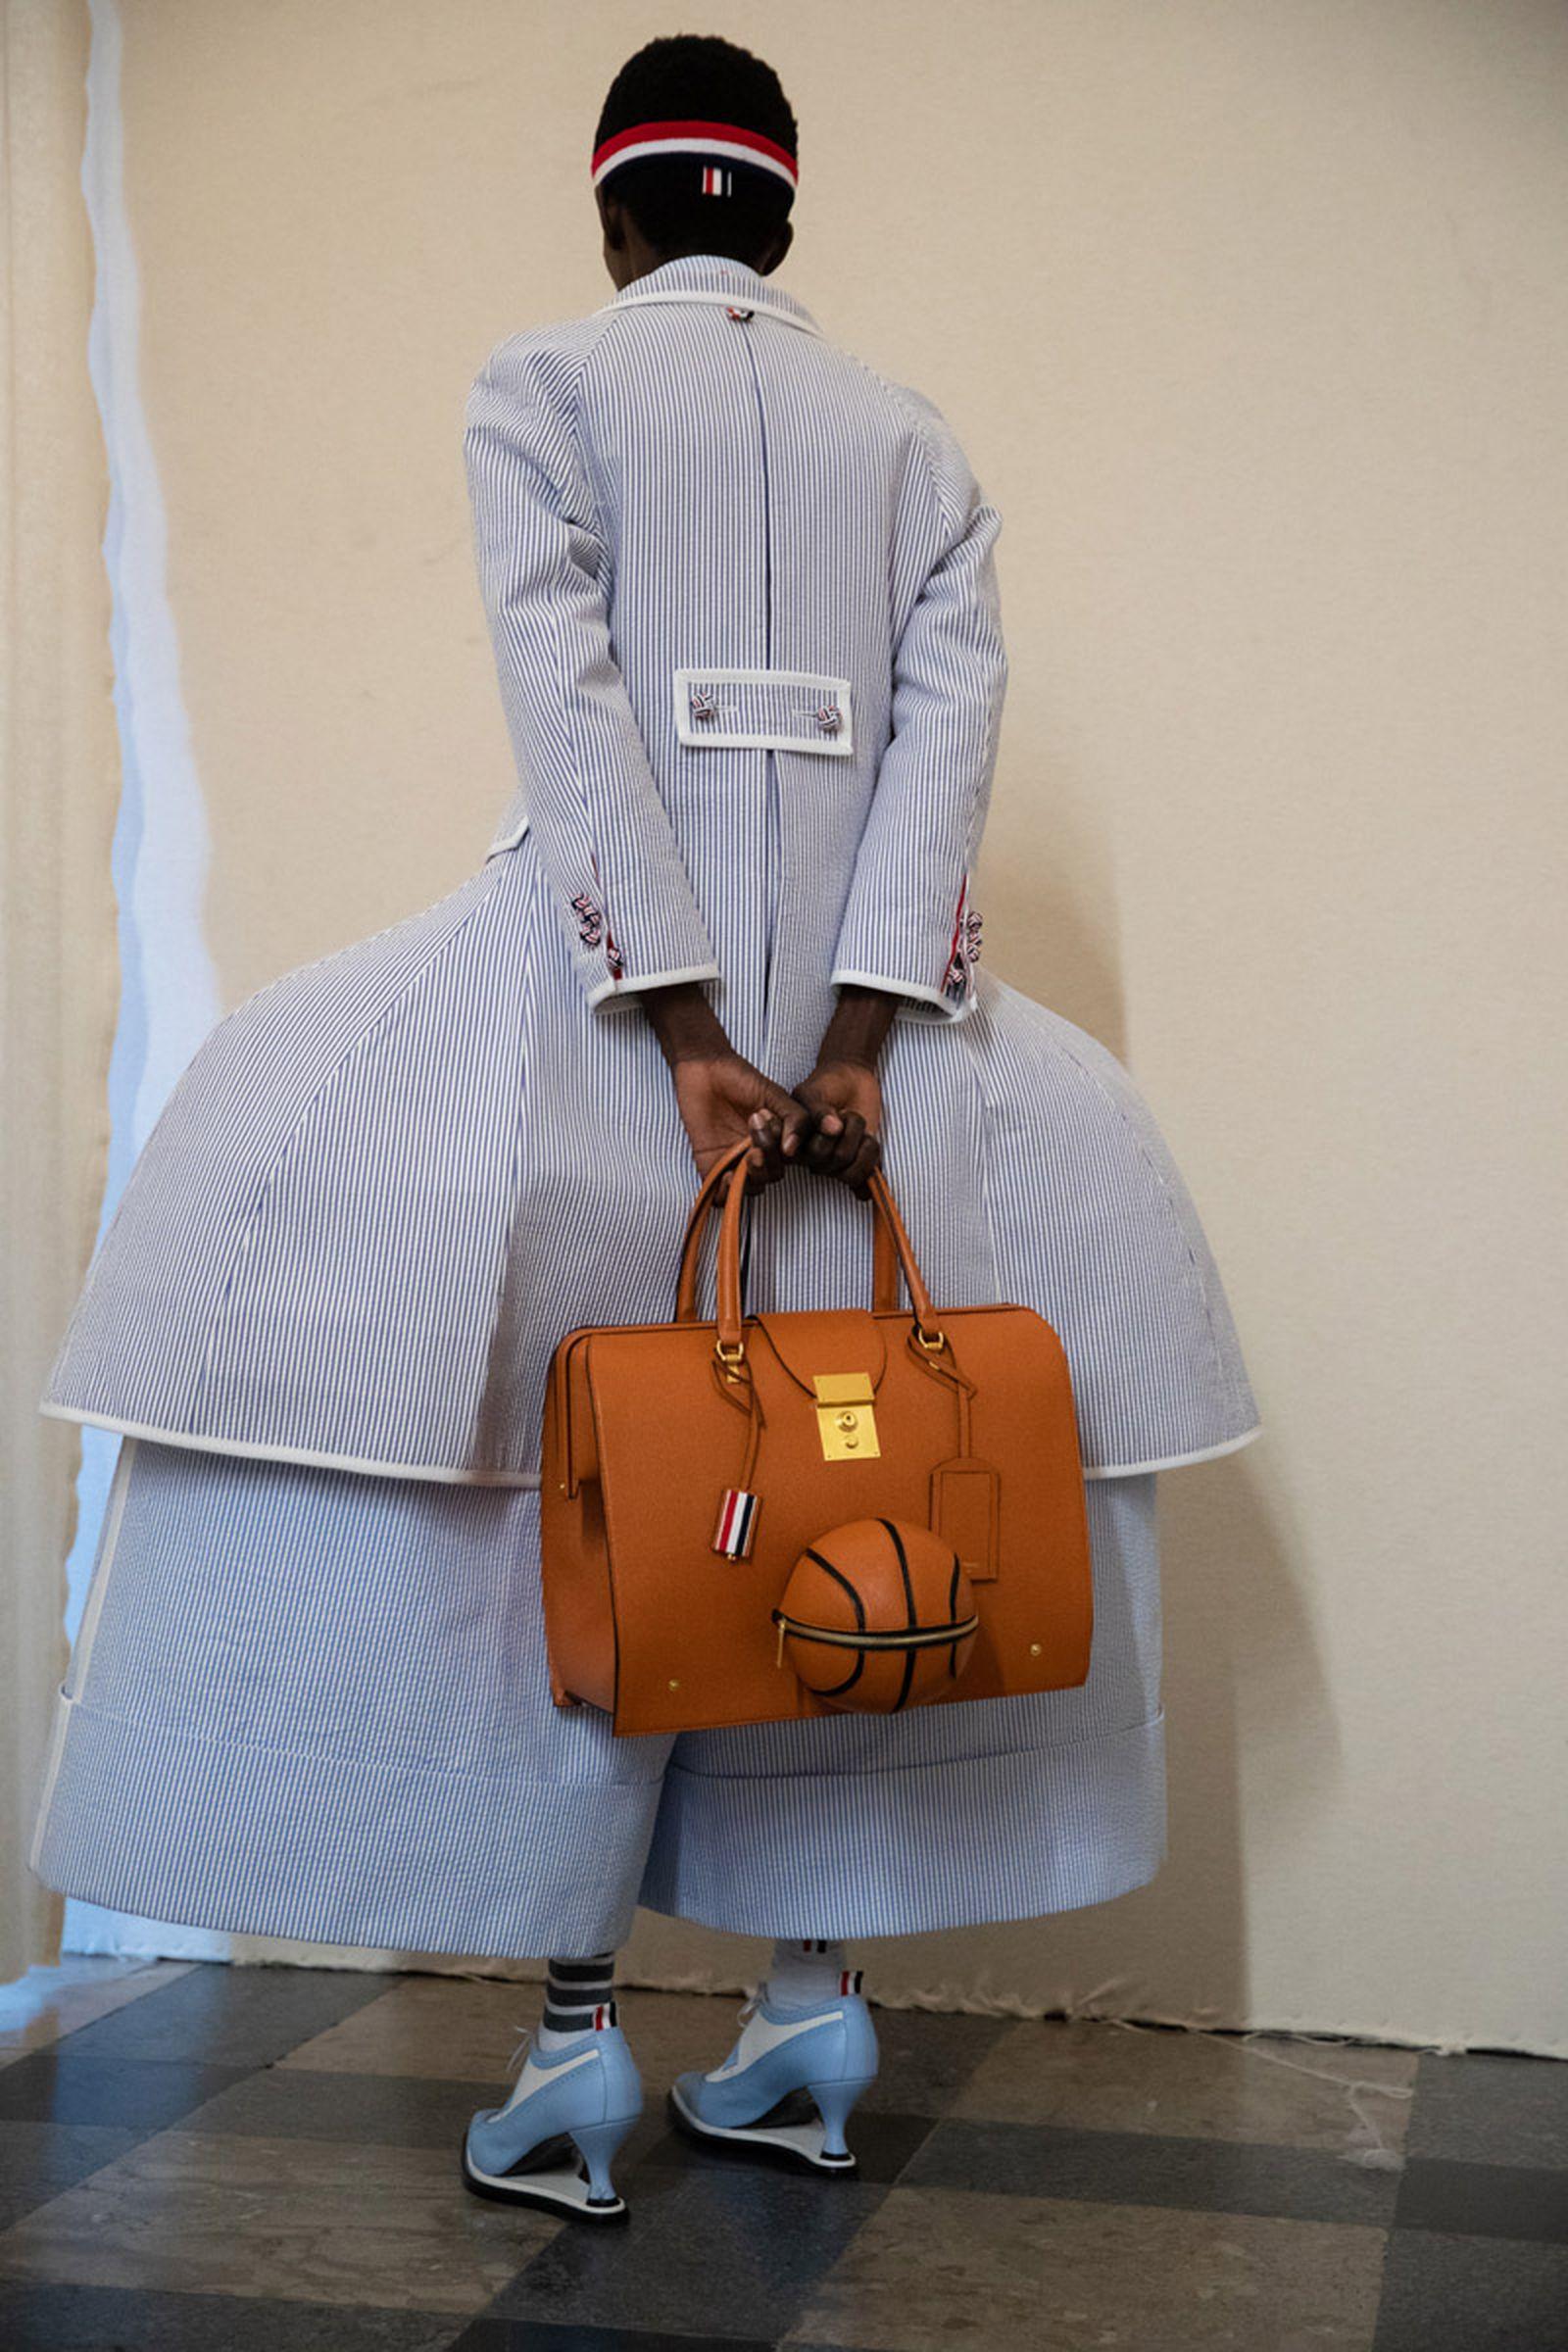 MSS20 Paris Thom Browne Eva Al Desnudo For web 13 paris fashion week runway